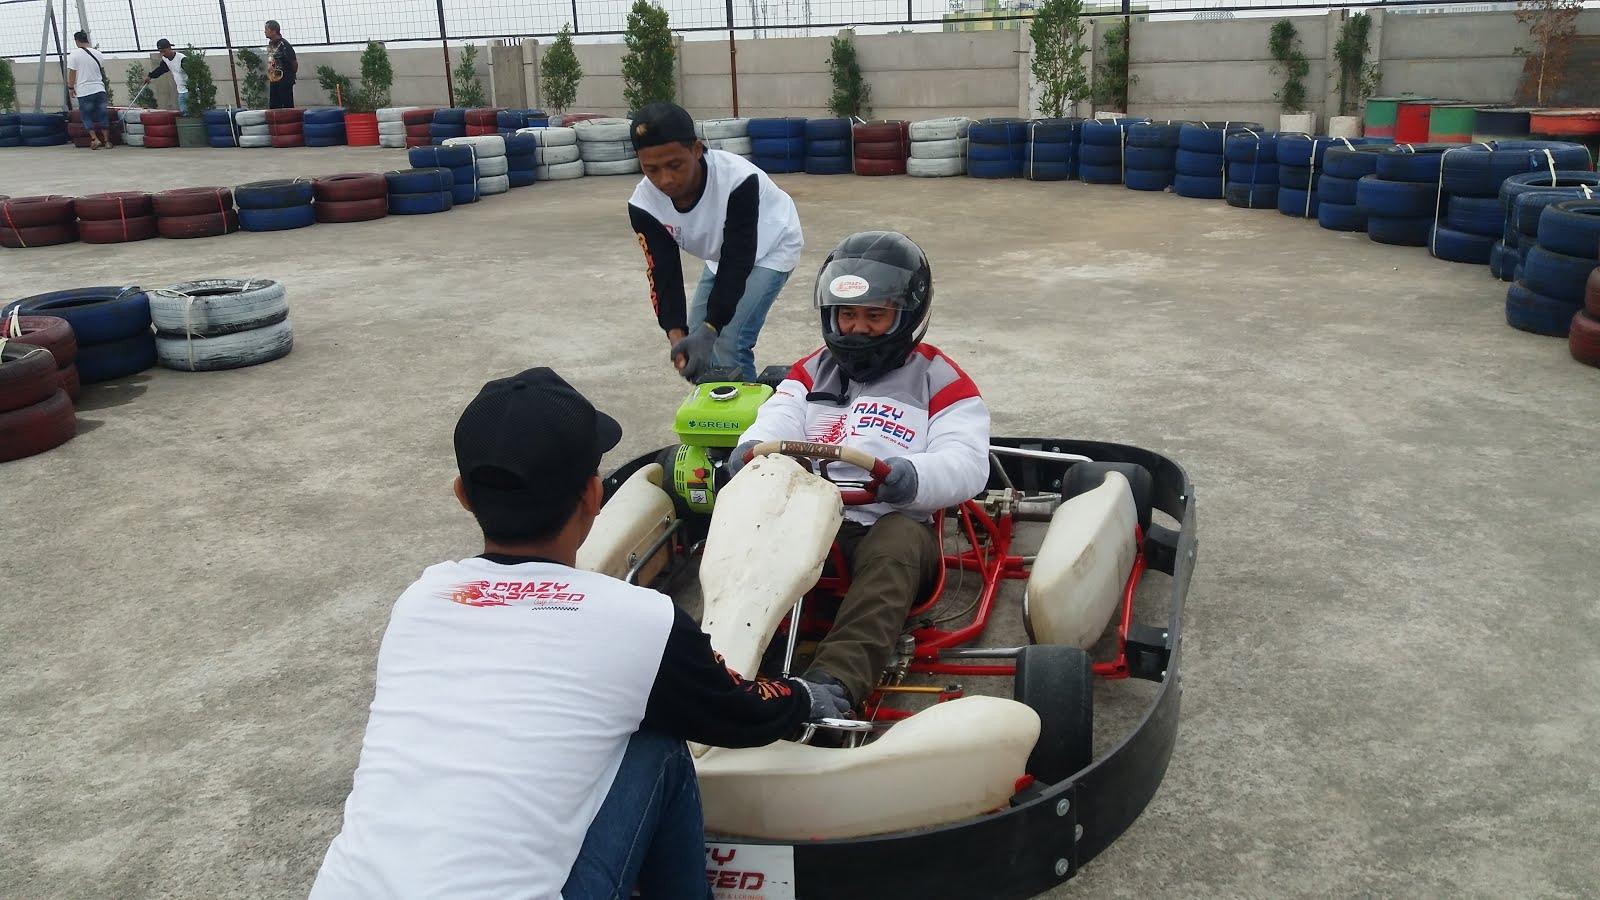 Yuk Main Gokart Di Crazy Speed Karting Cafe Lounge Lippo